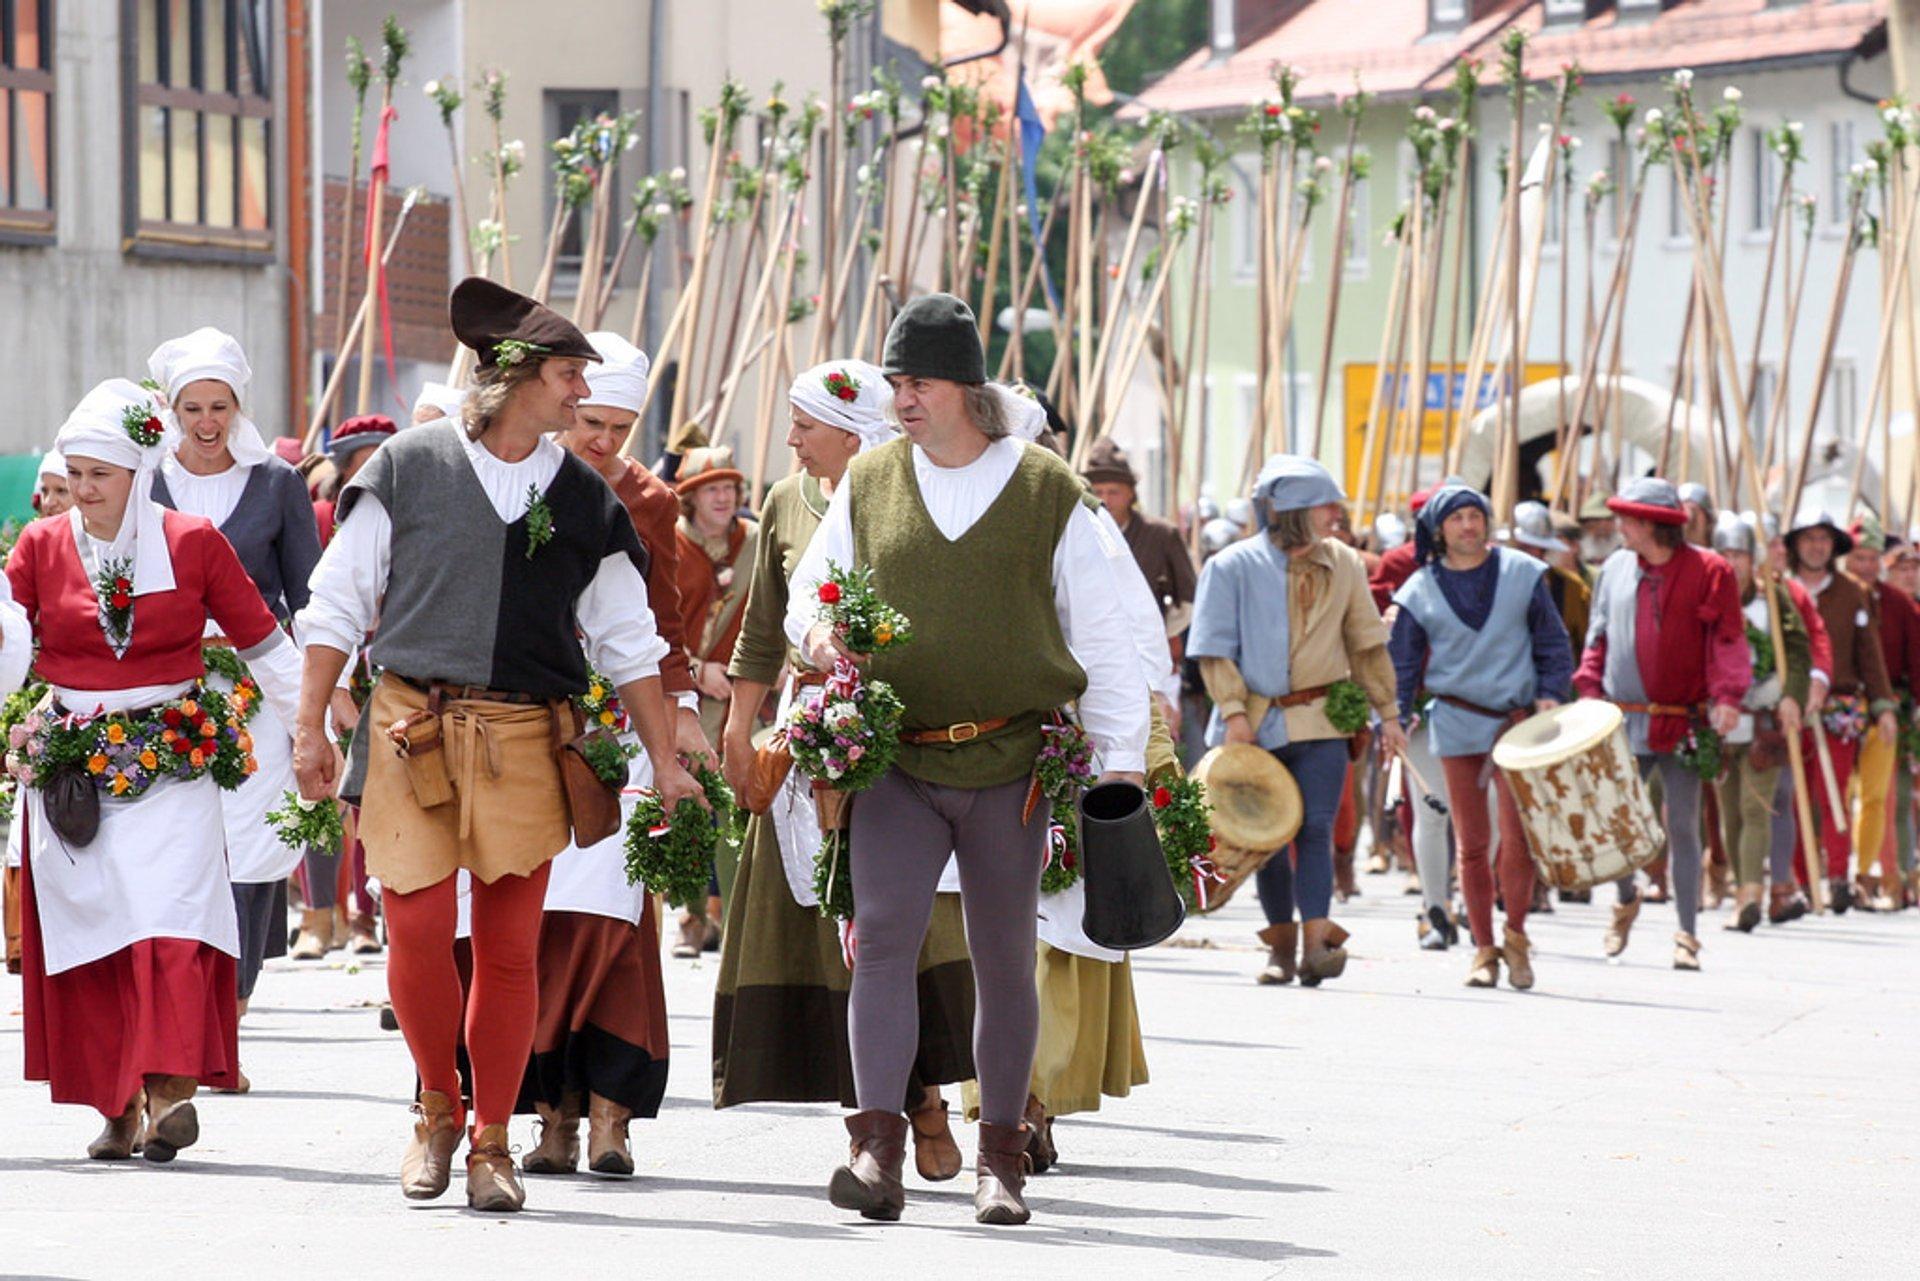 Landshut Wedding (Landshuter Hochzeit) 1475 in Bavaria - Best Season